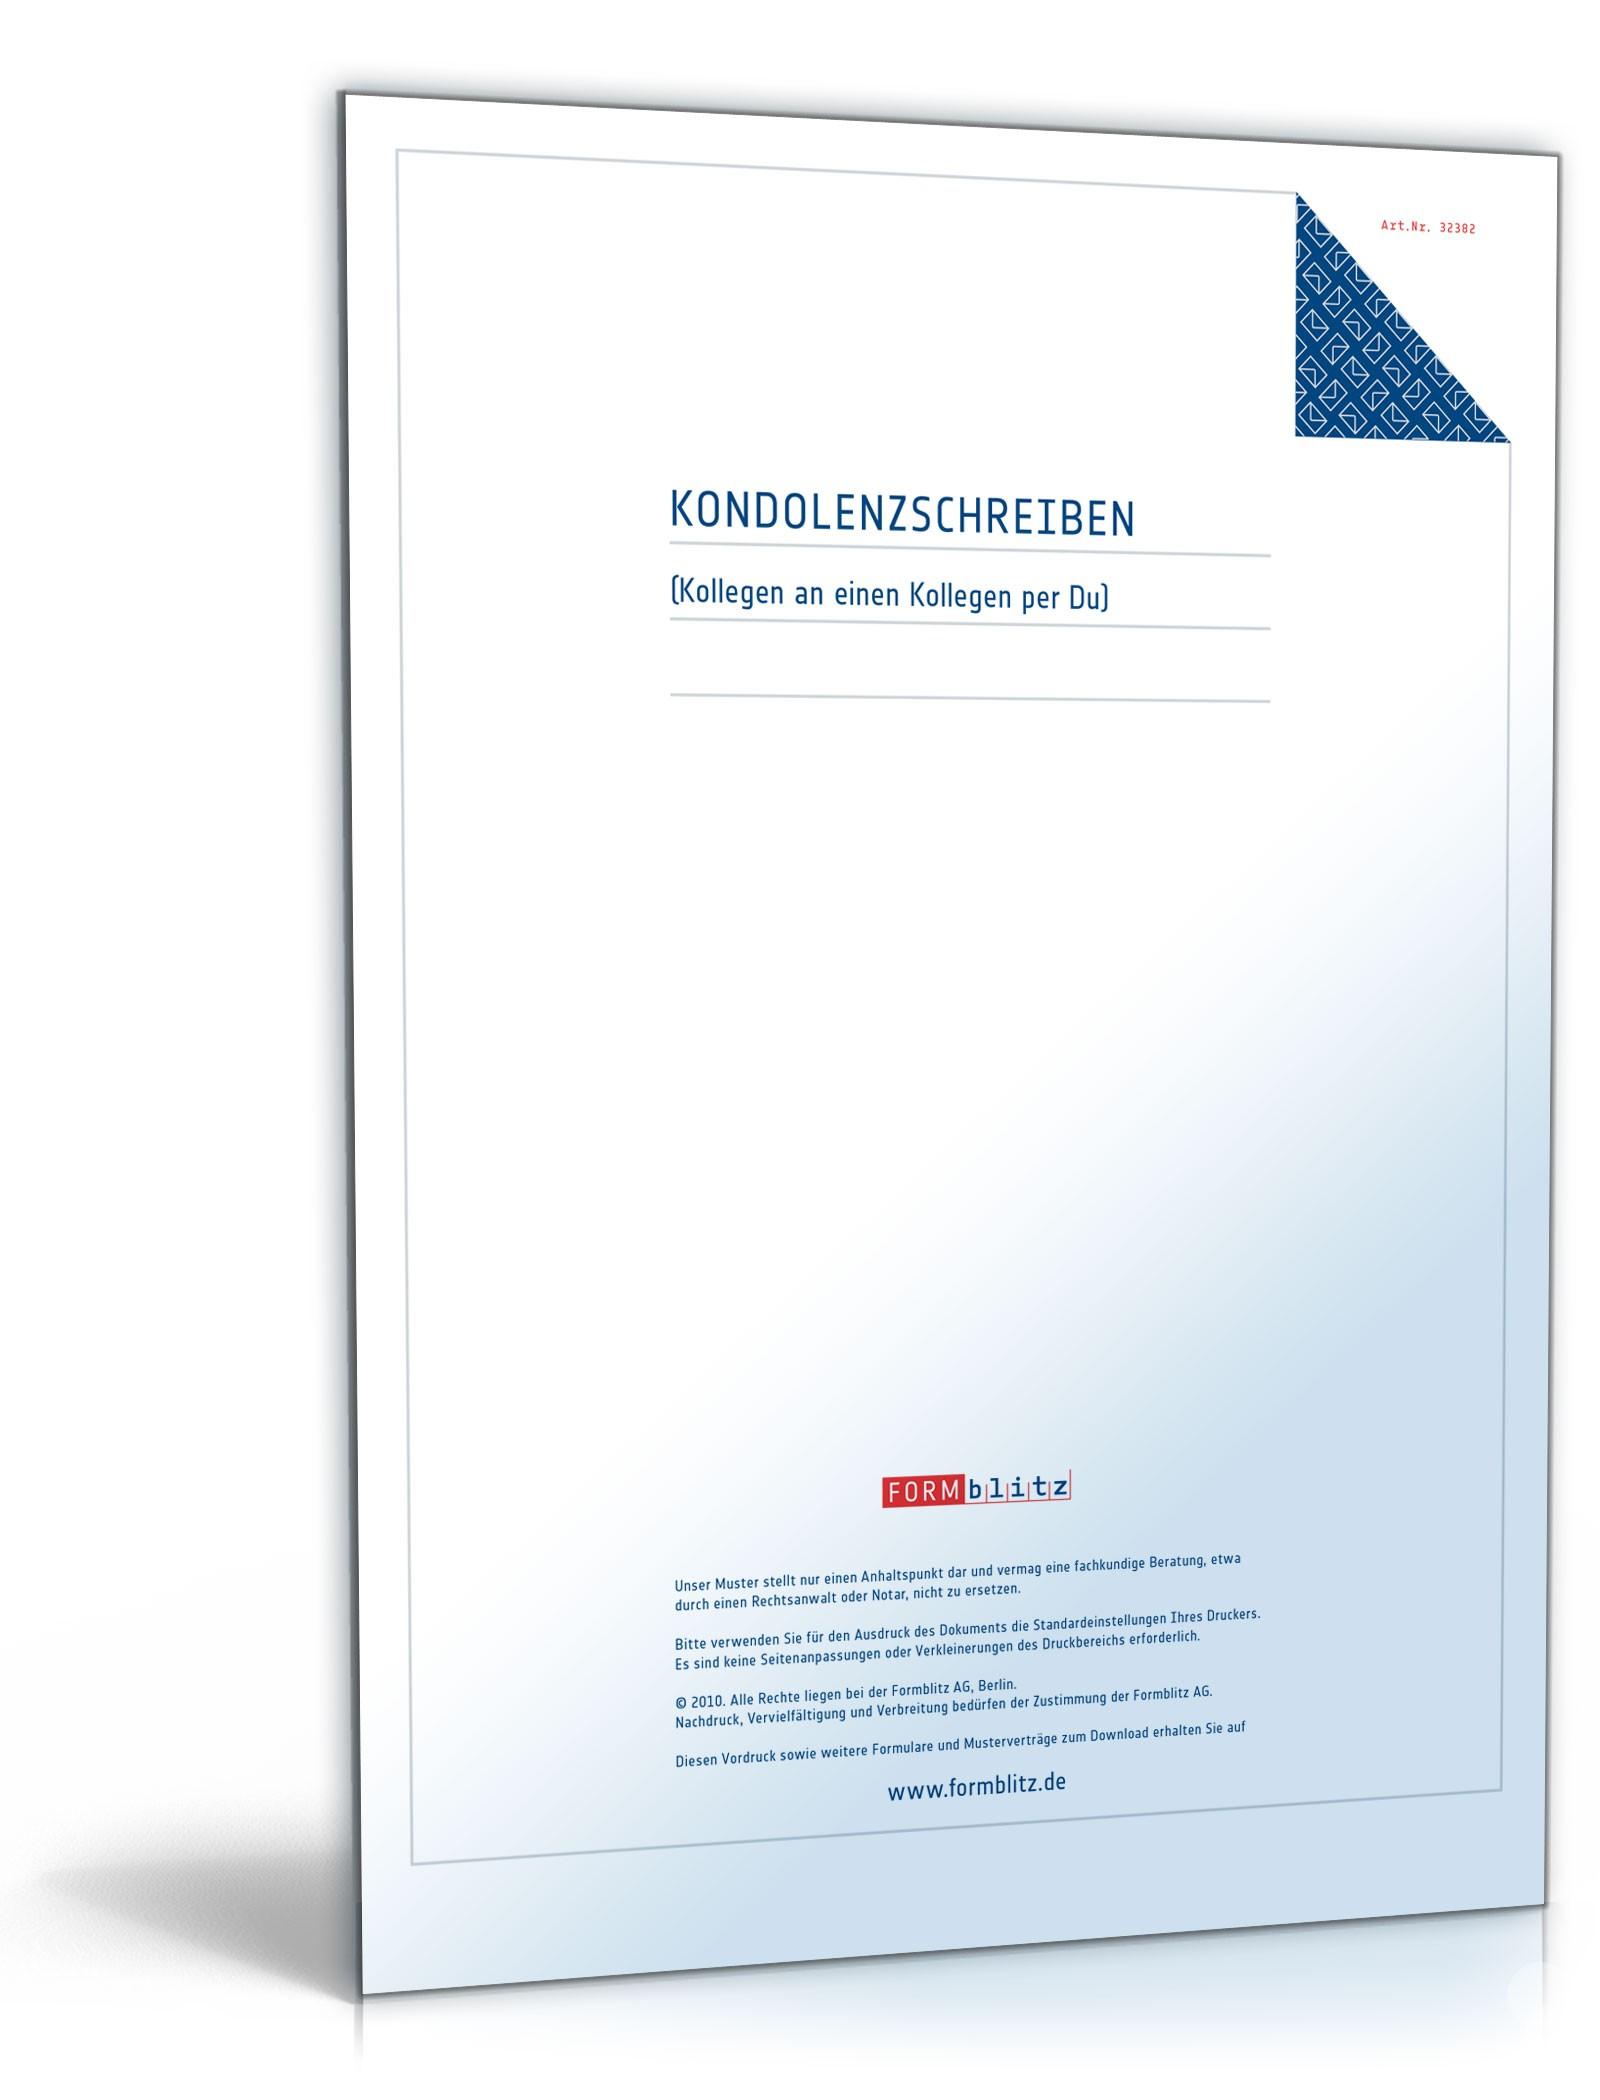 Musterbriefe Kondolenzschreiben : Kondolenzschreiben muster vorlage zum download